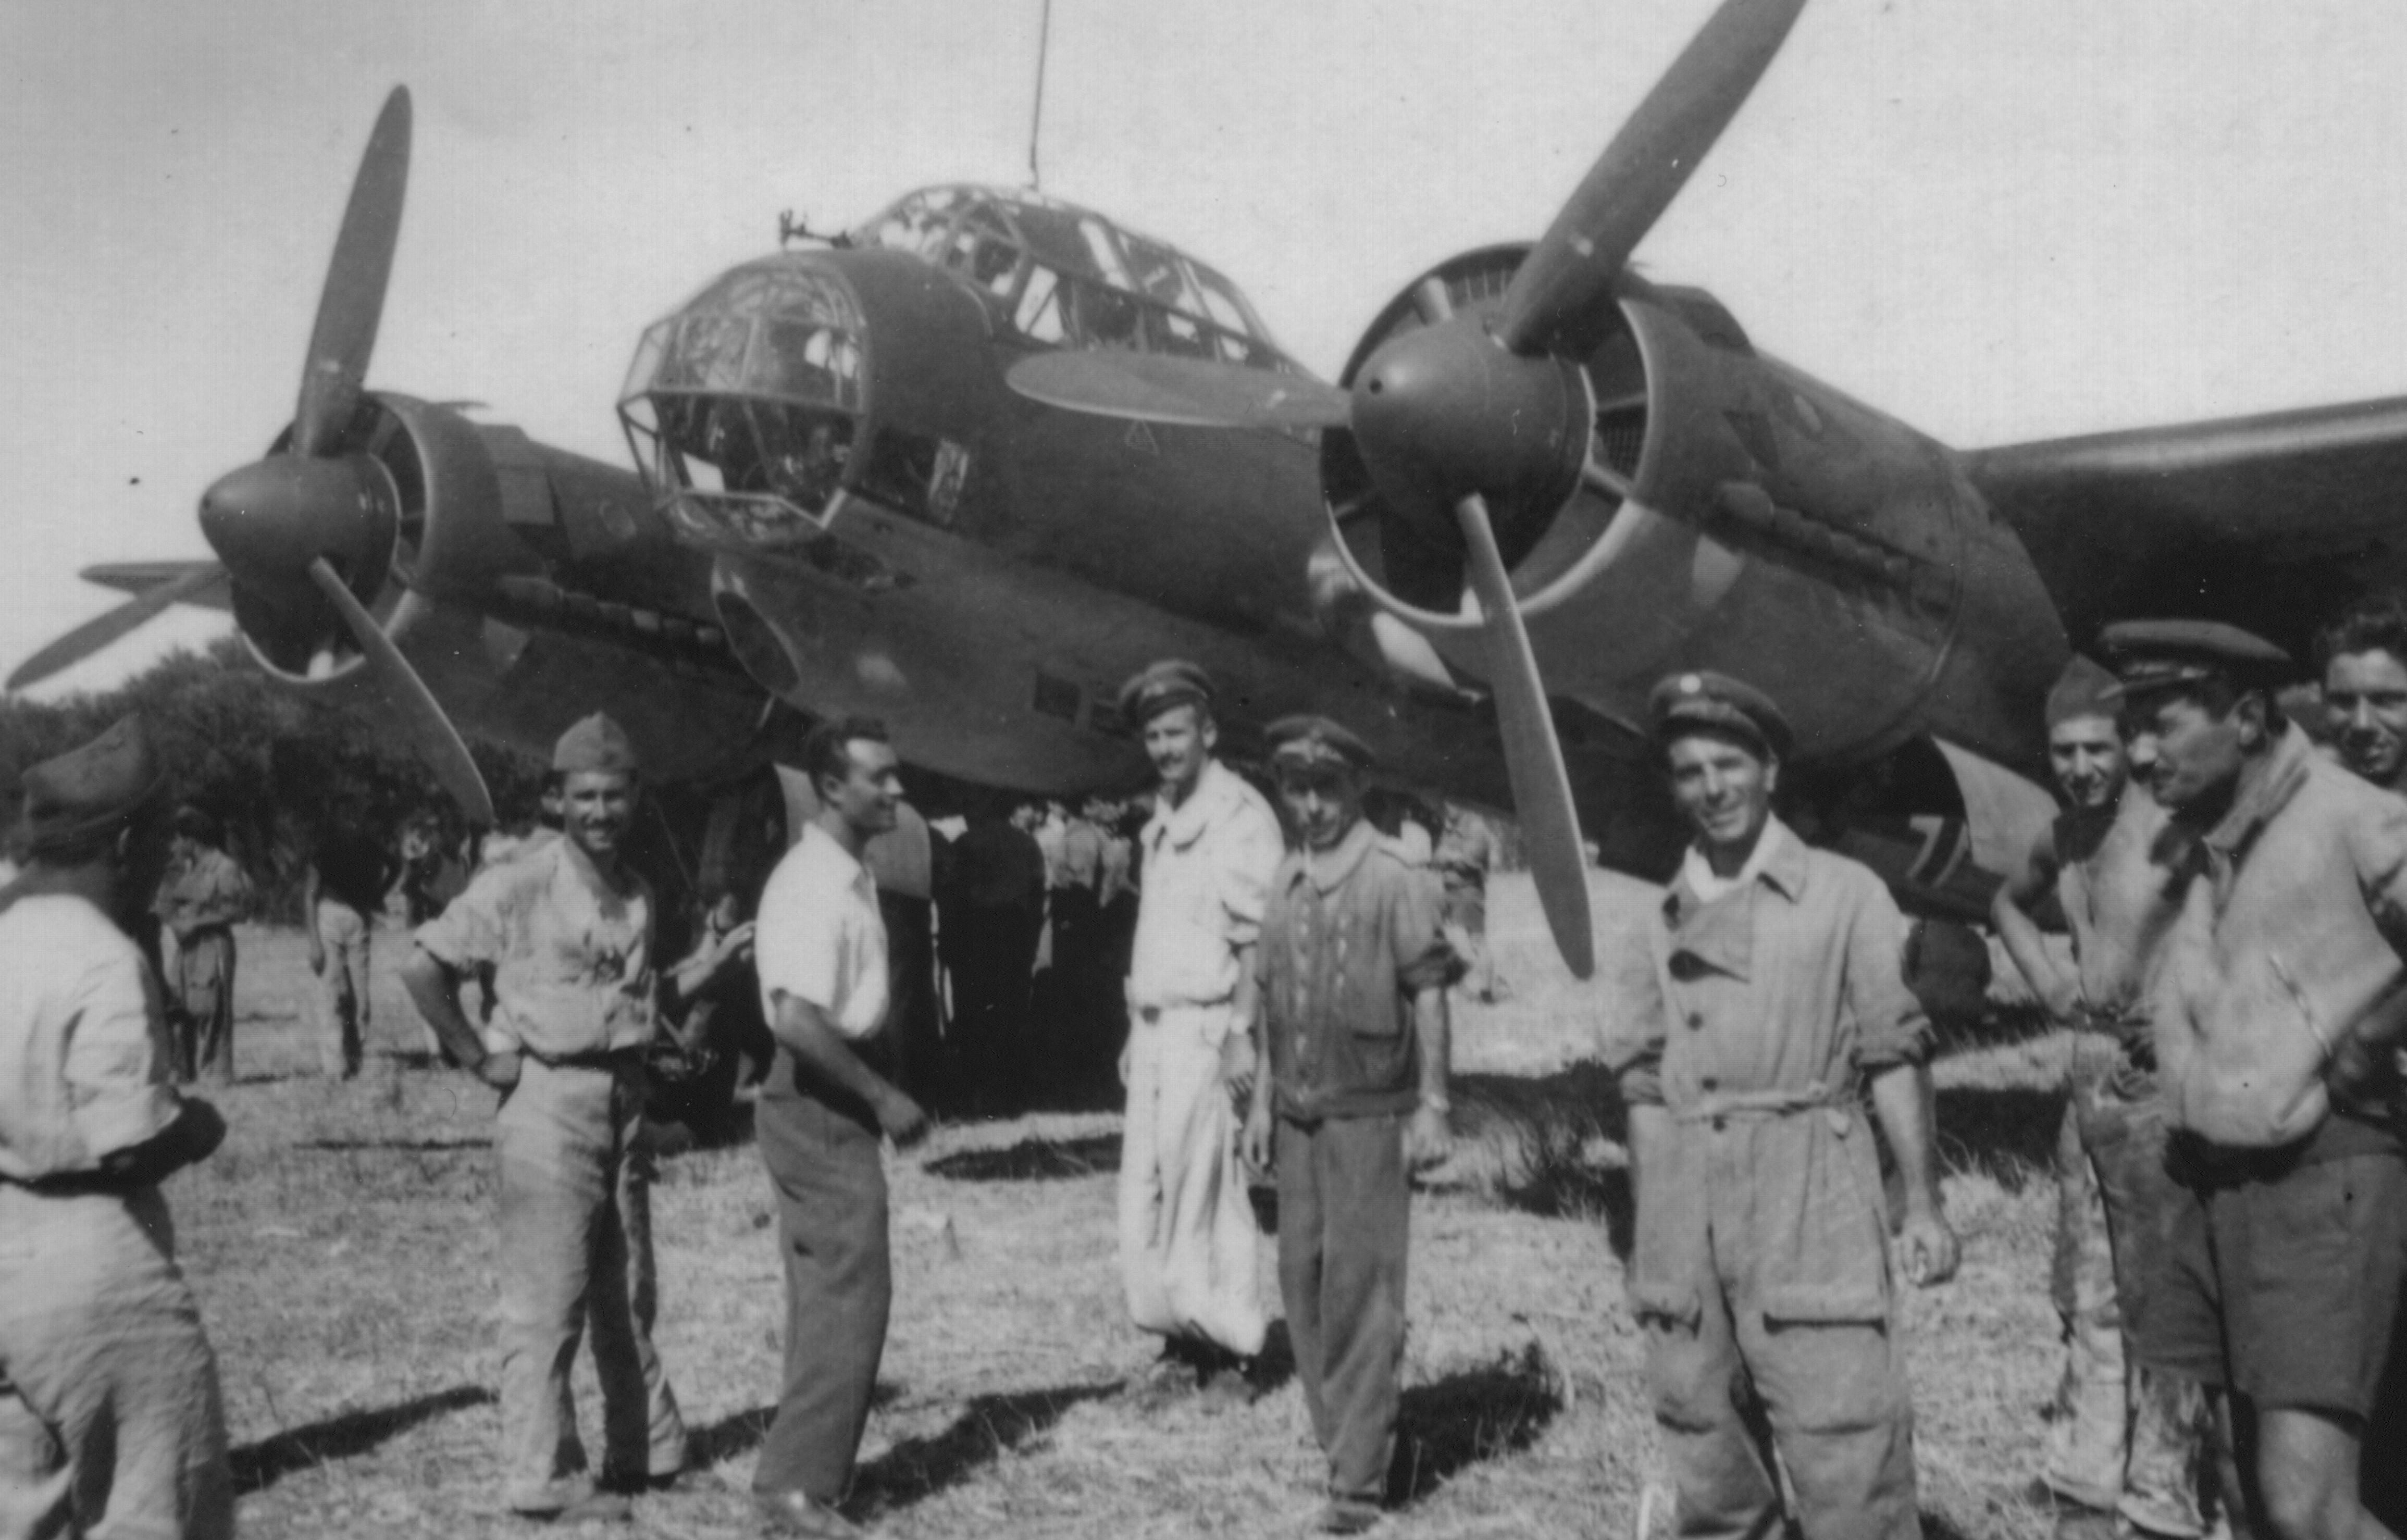 Aerei Da Caccia Americani Seconda Guerra Mondiale : File piloti aerei militari g wikimedia commons